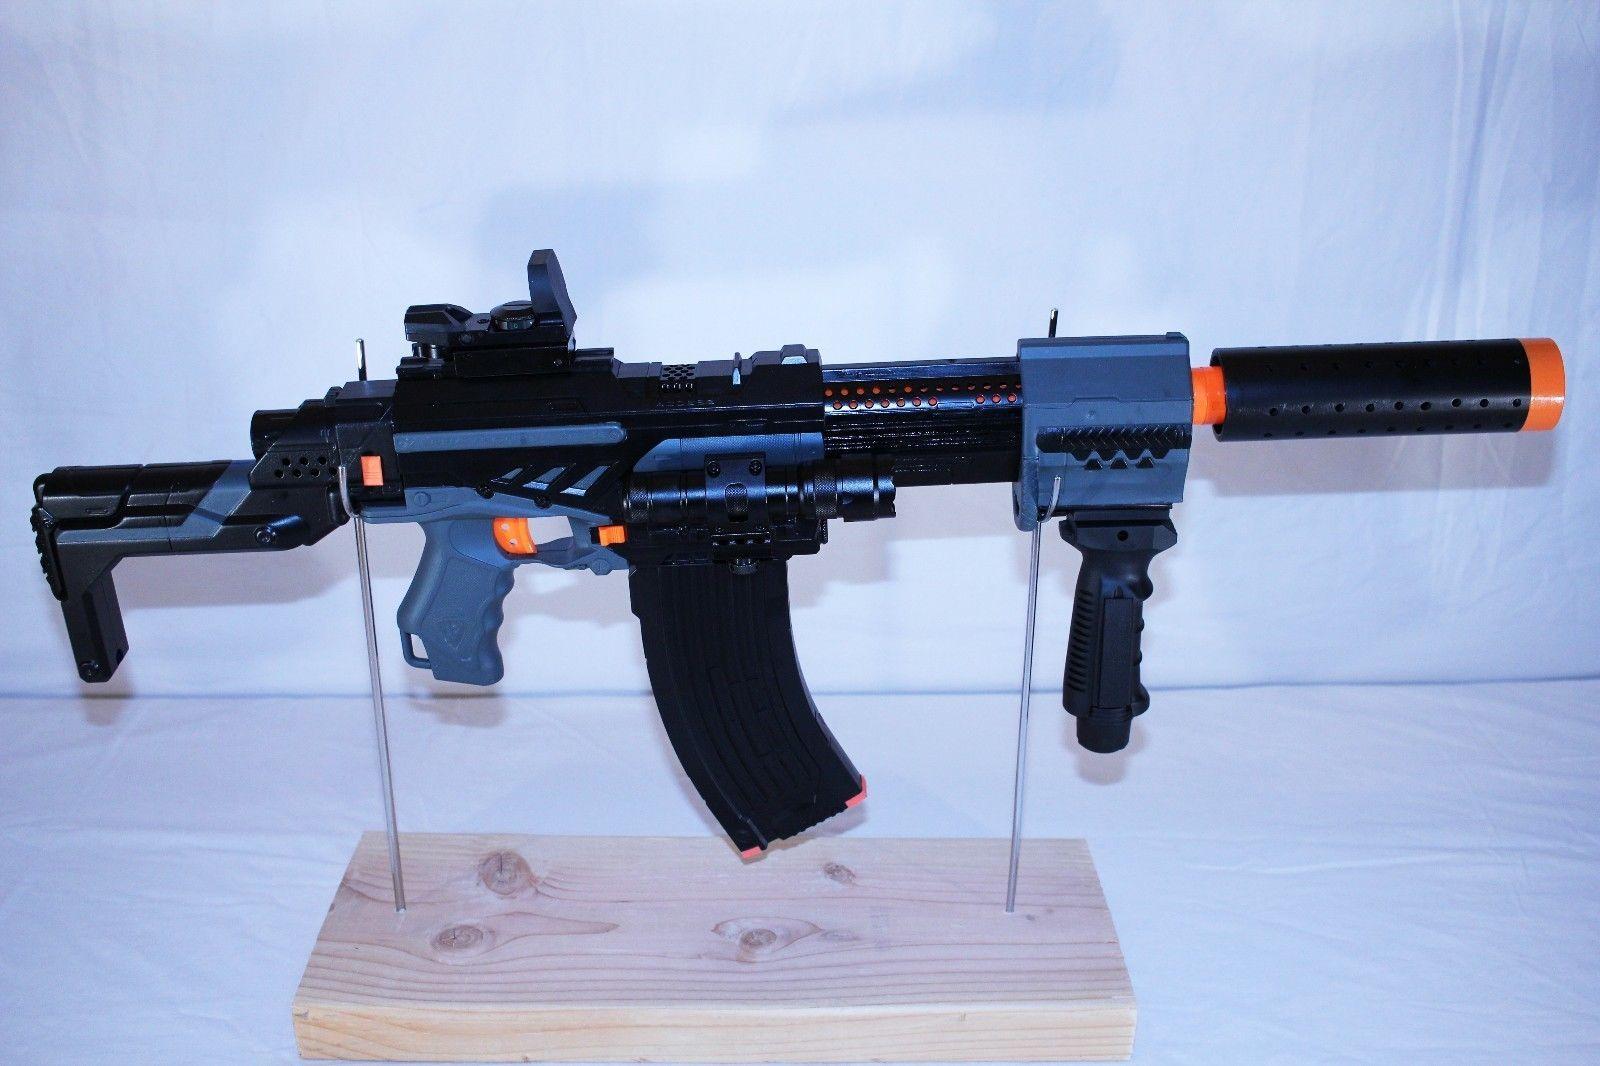 Modded Nerf Alpha Trooper CS-18 Reflex sight, Red Dot laser, Tactical  flashlight